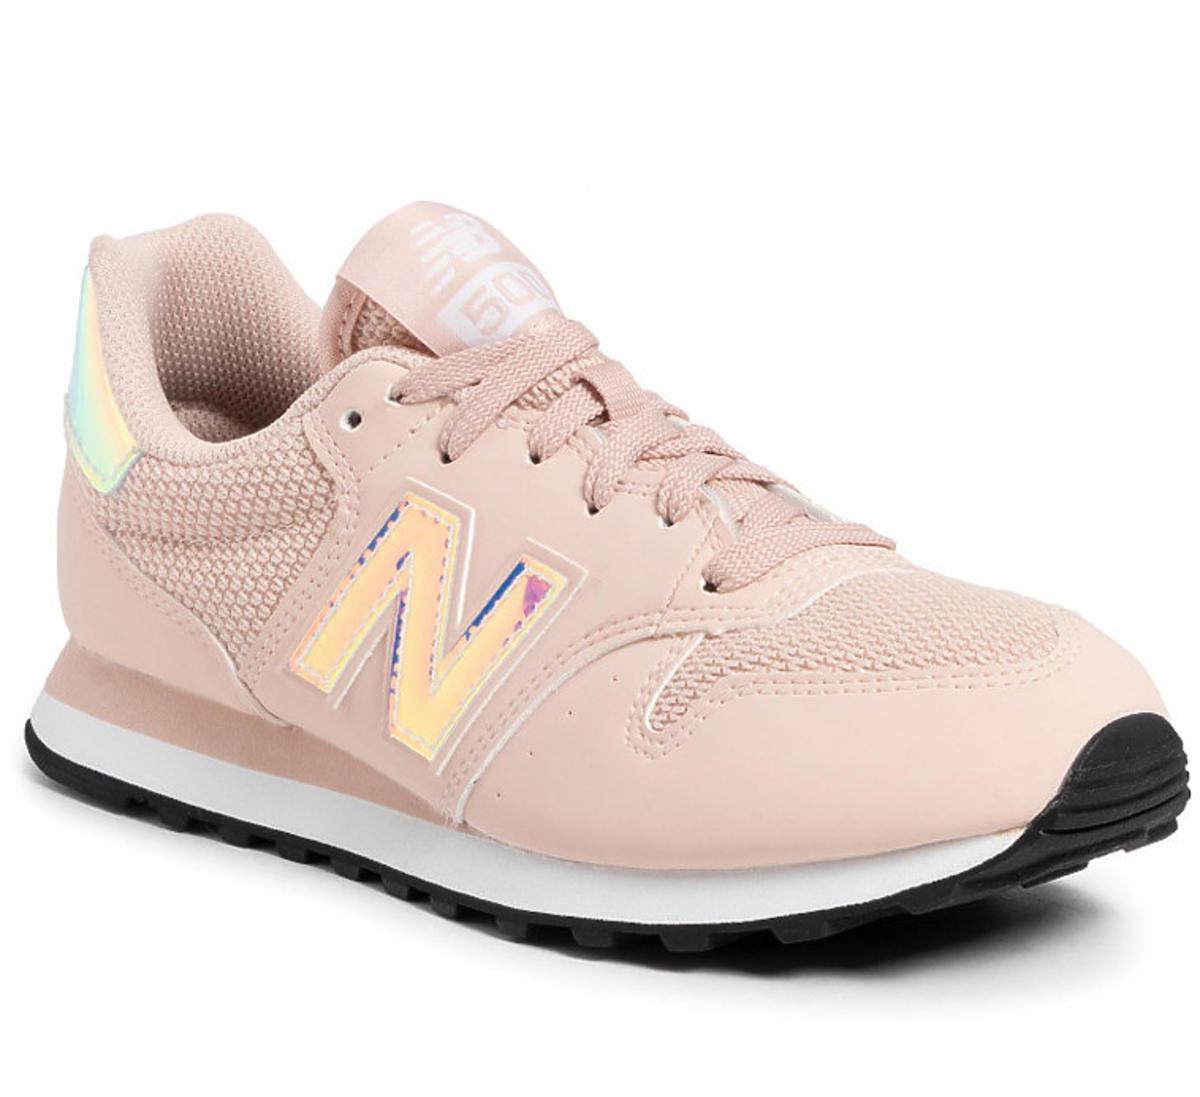 Sneakersy NEW BALANCE w kolorze pudrowego różu